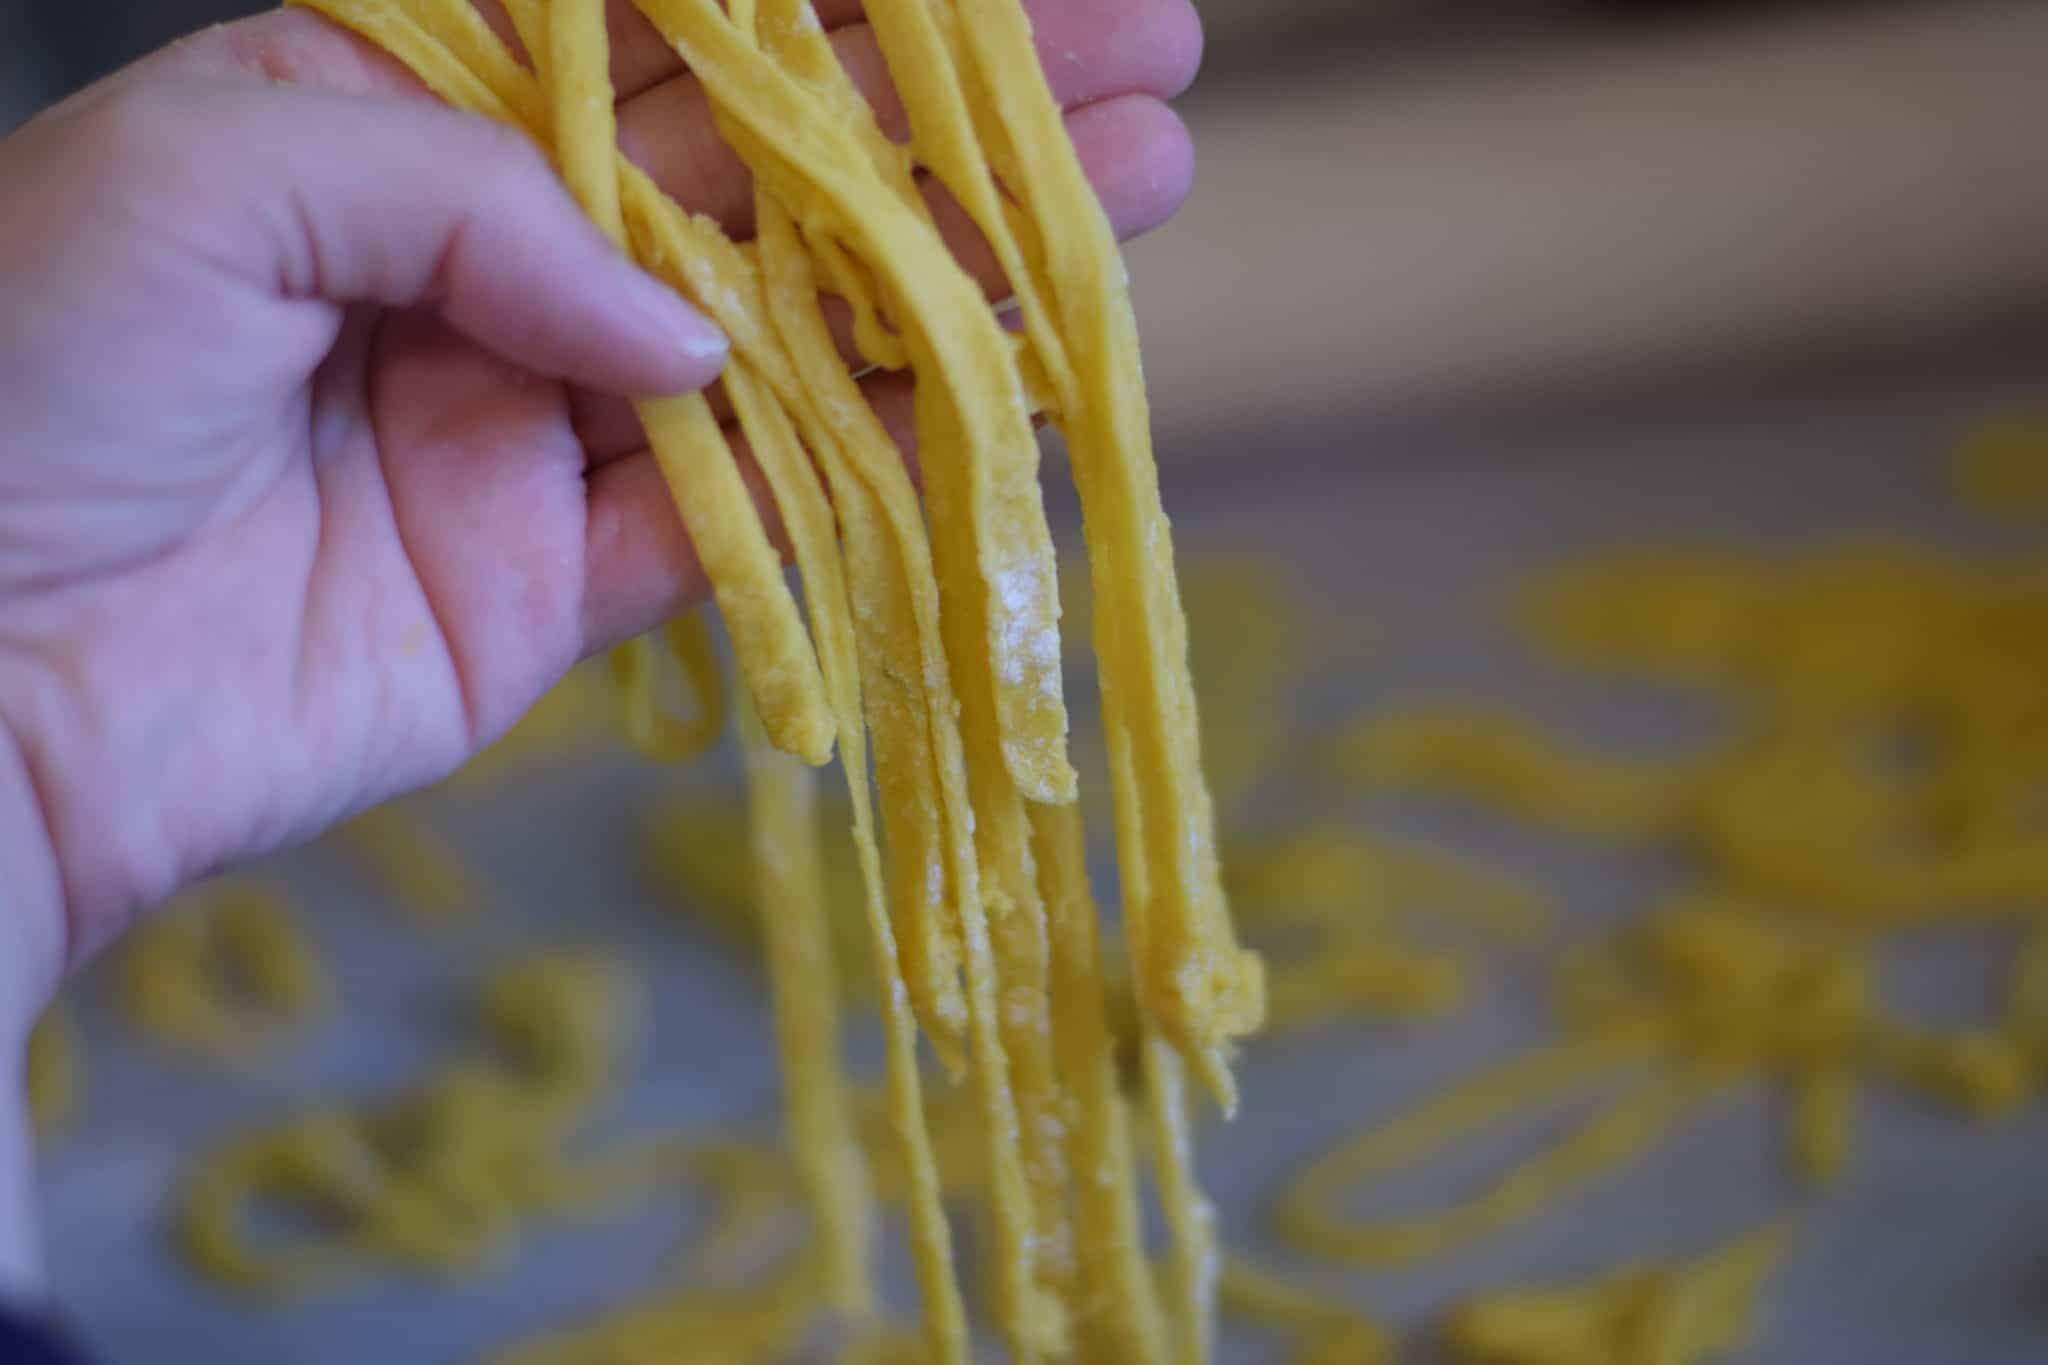 fresh cut pasta noodles